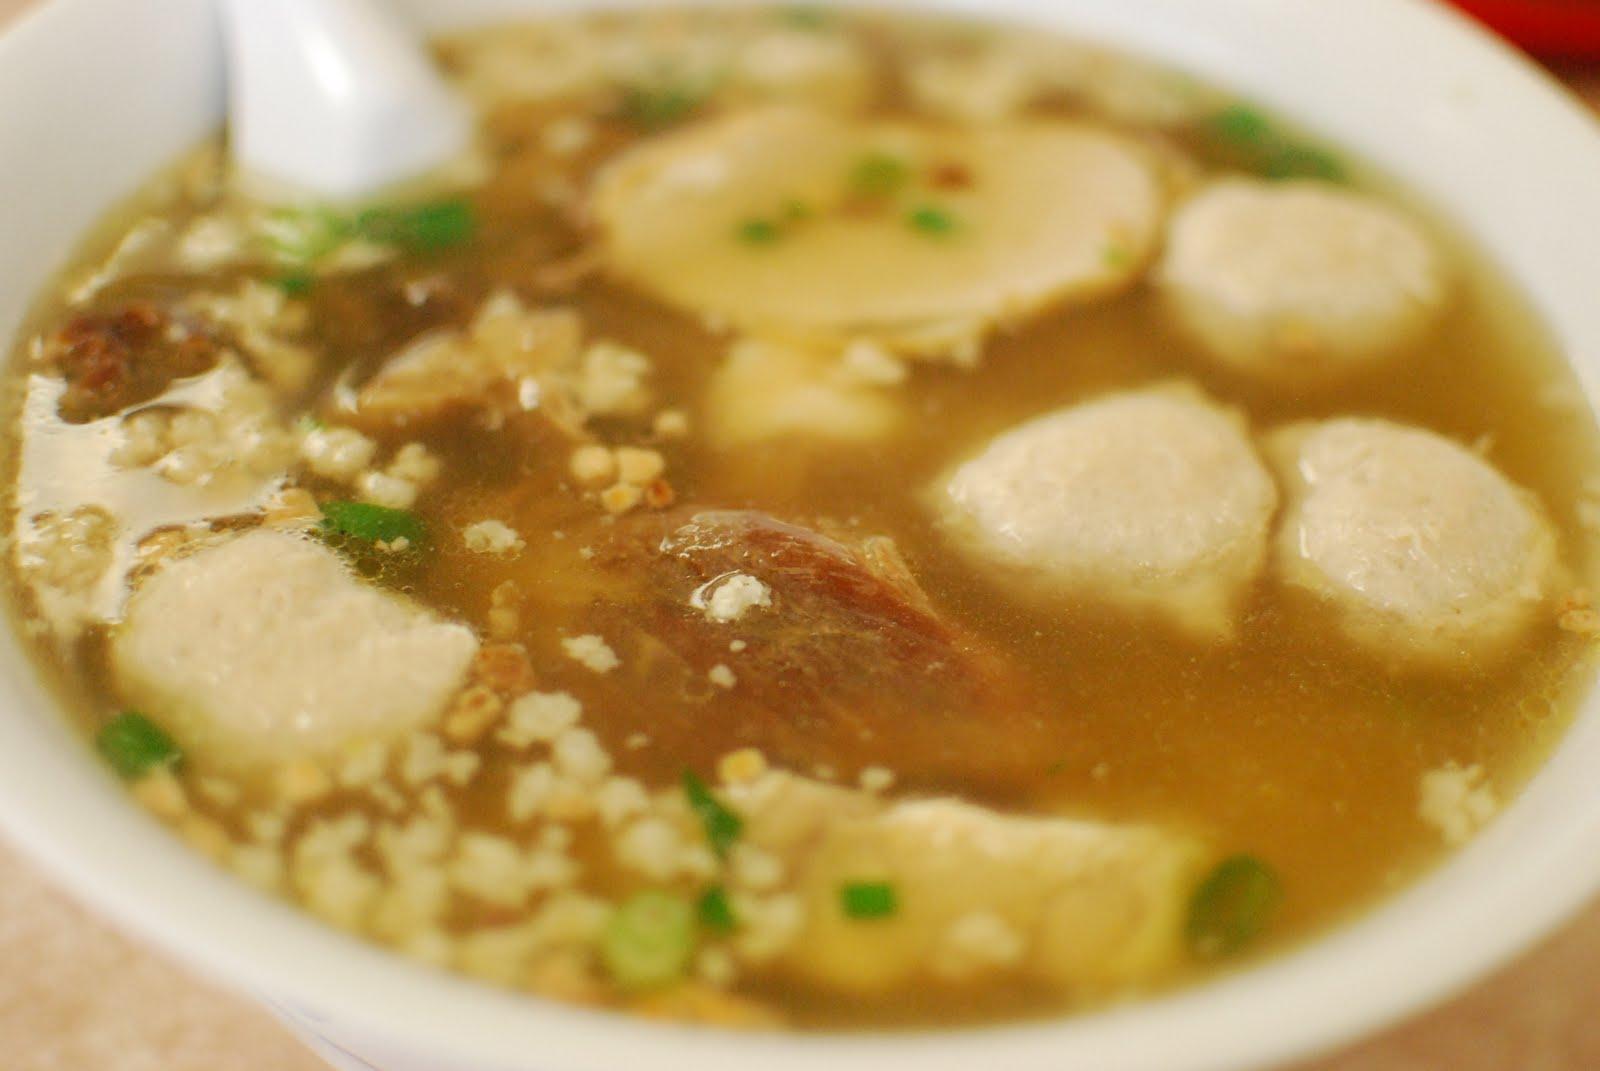 eat everyday trieu chau review vietnamese noodle